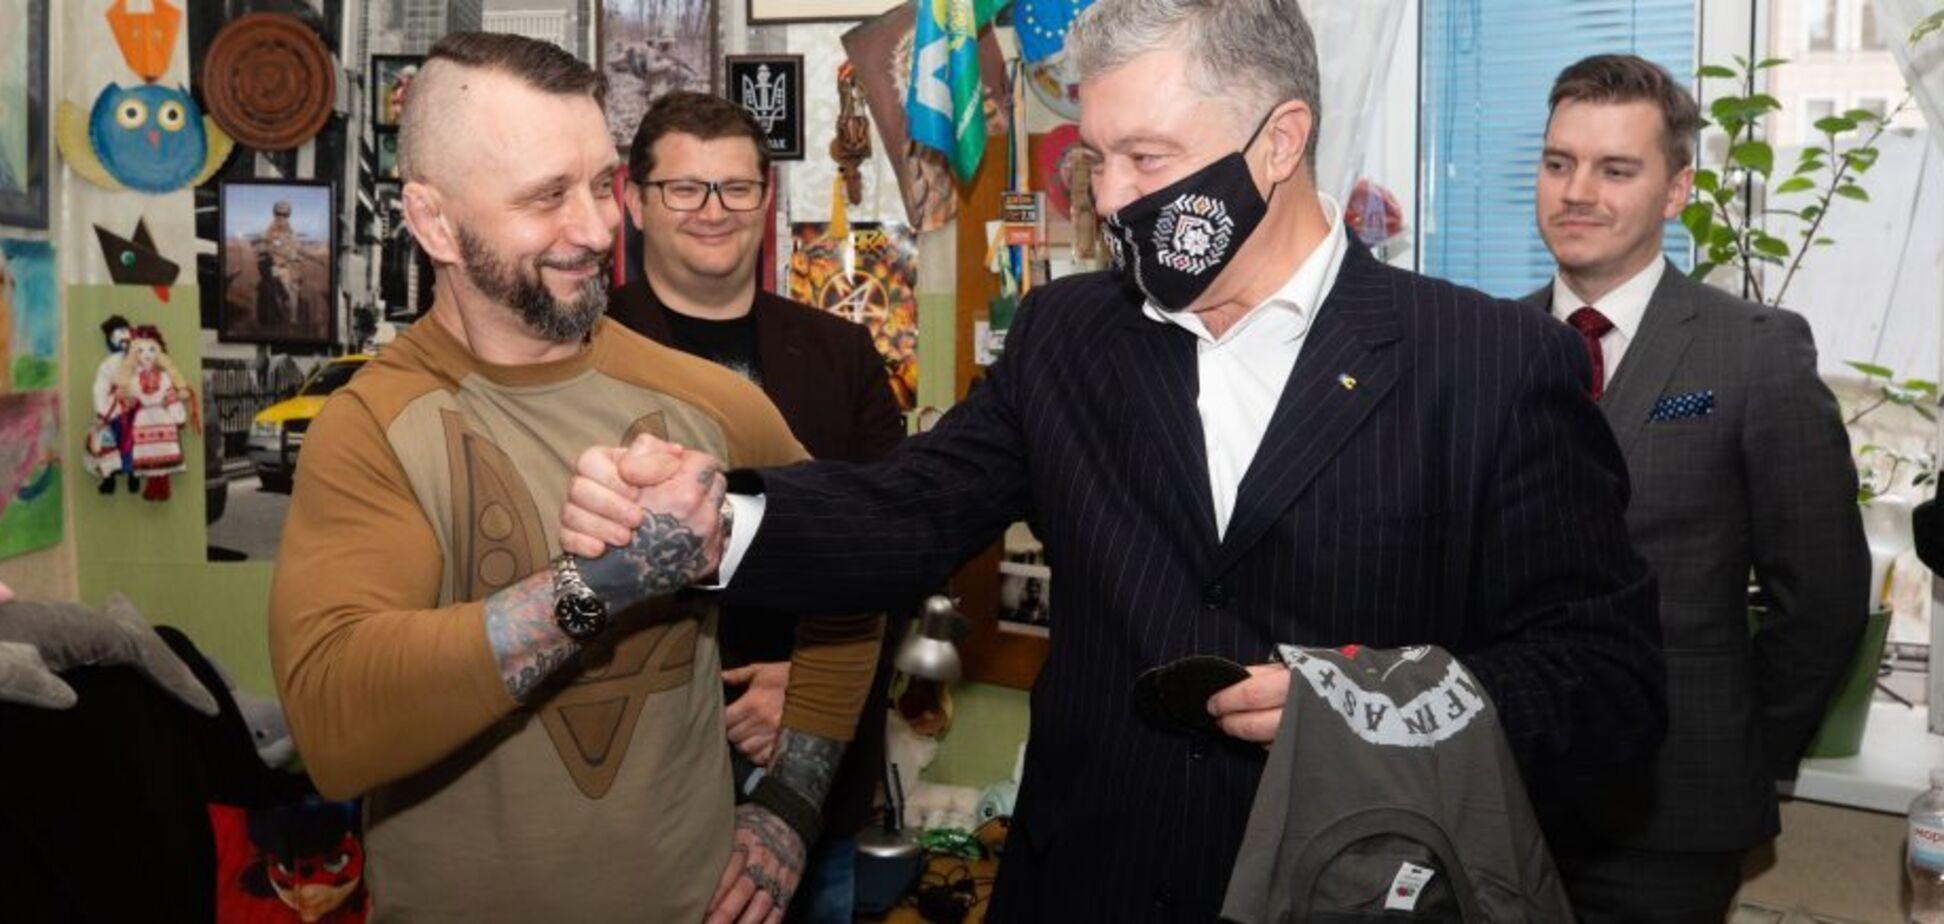 Порошенко зустрівся з Антоненком і пообіцяв, що винні в його арешті відповідатимуть перед законом